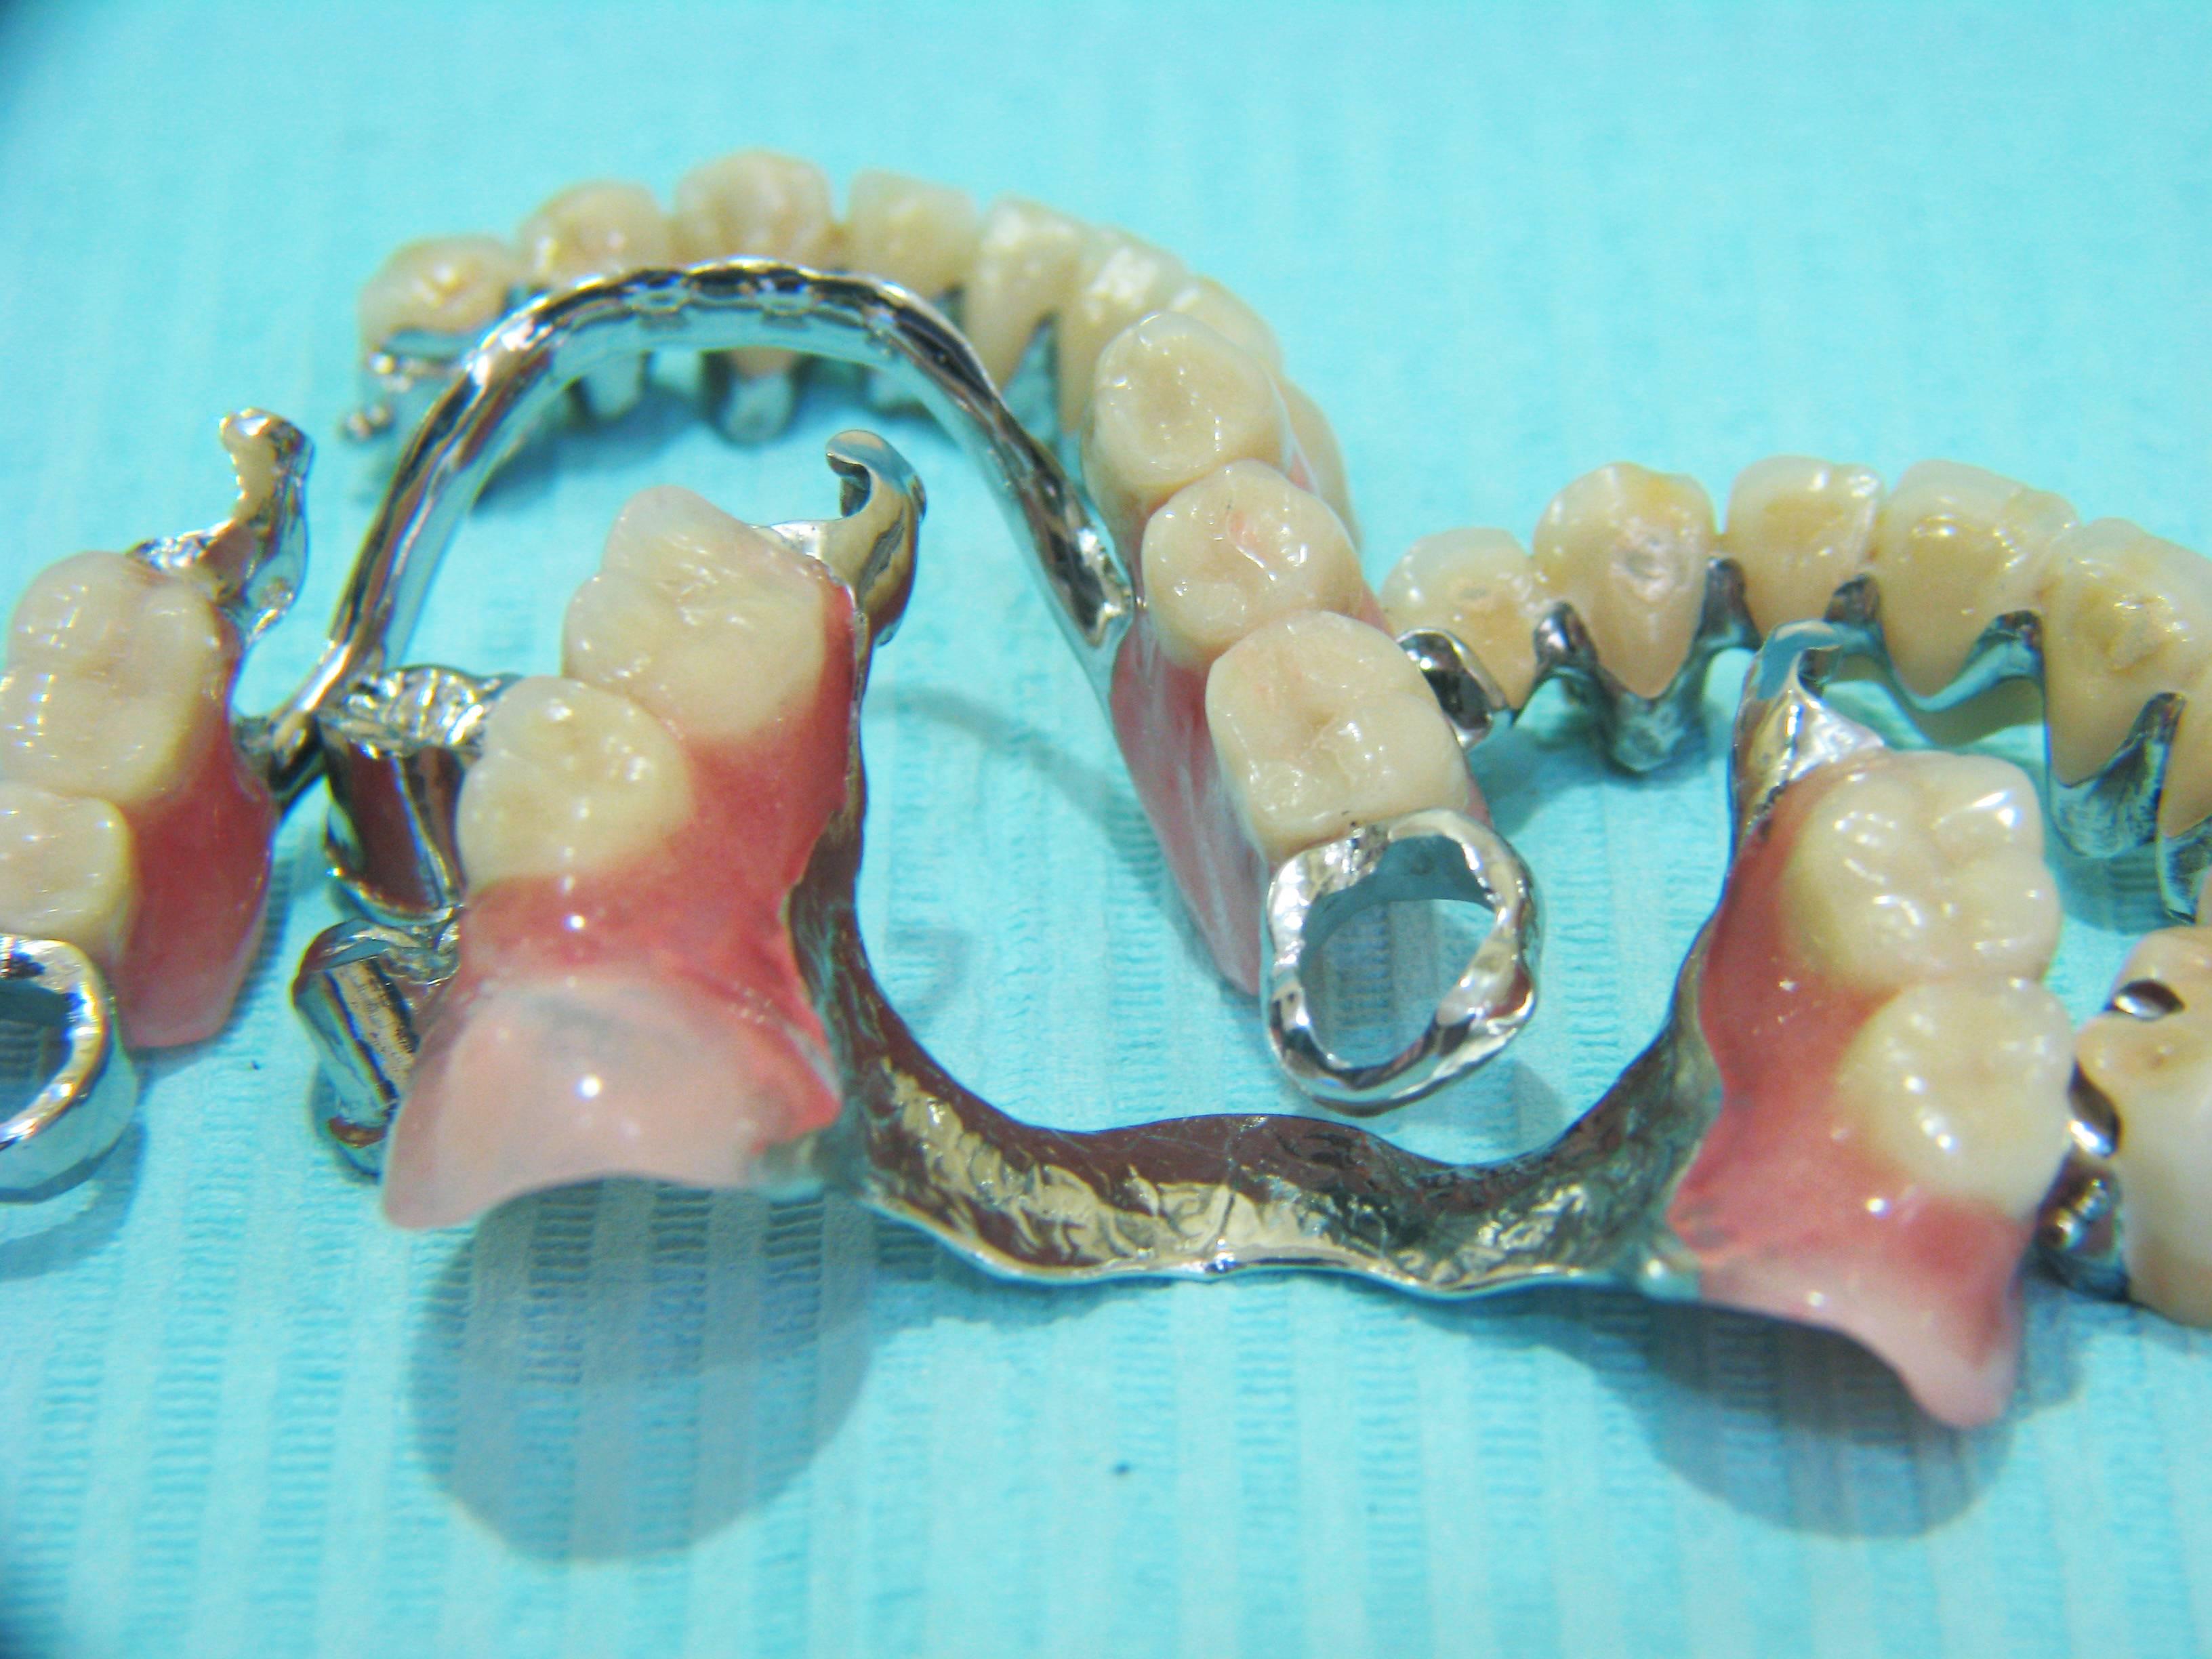 Зубные бюгельные протезы: отзывы, цена